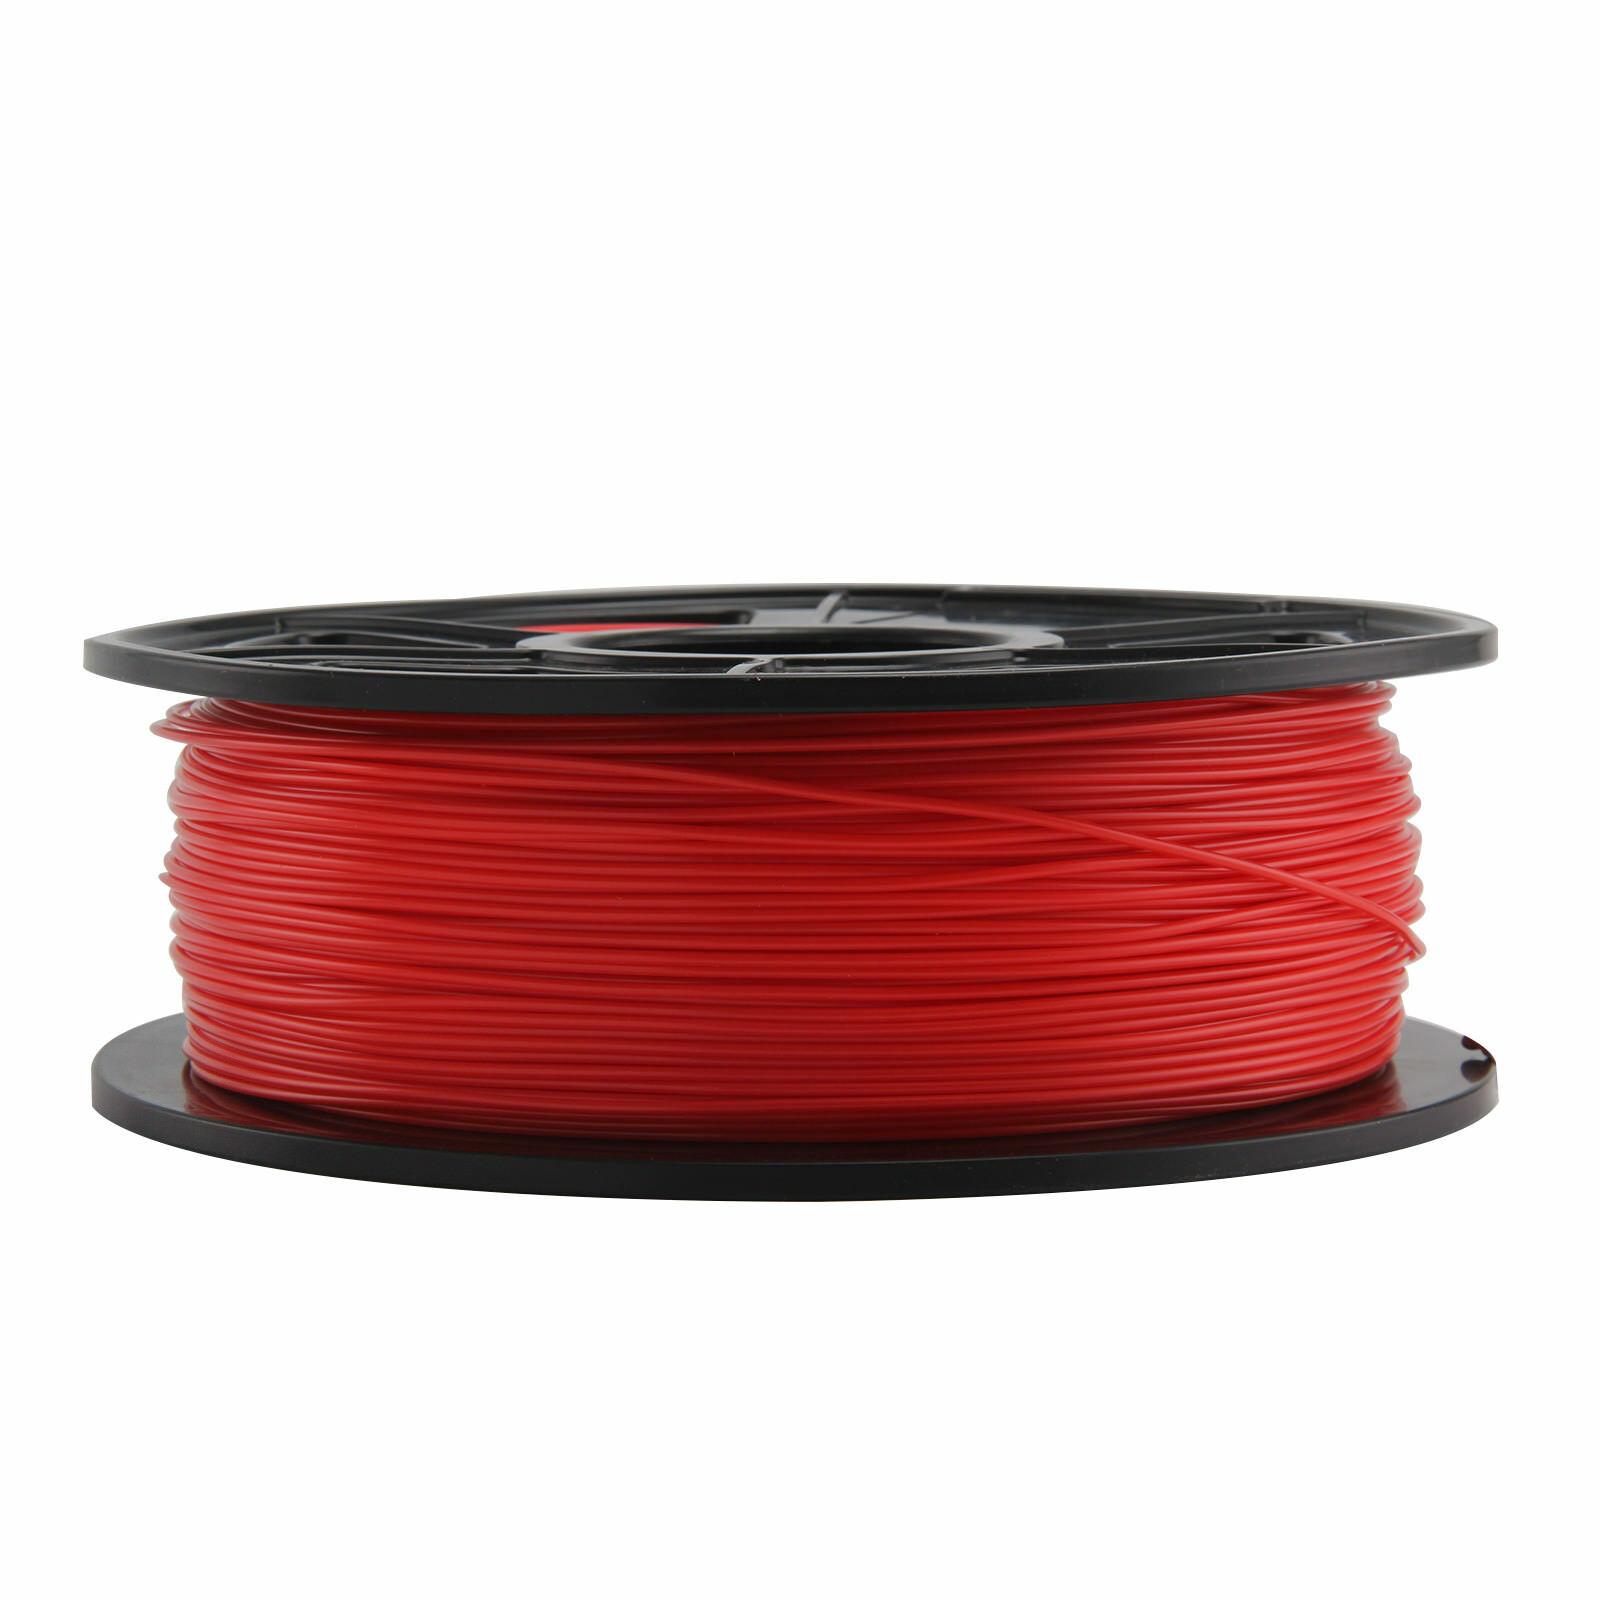 Filament PLA pour imprimante 3D - 1.75mm, 1Kg (Rouge)